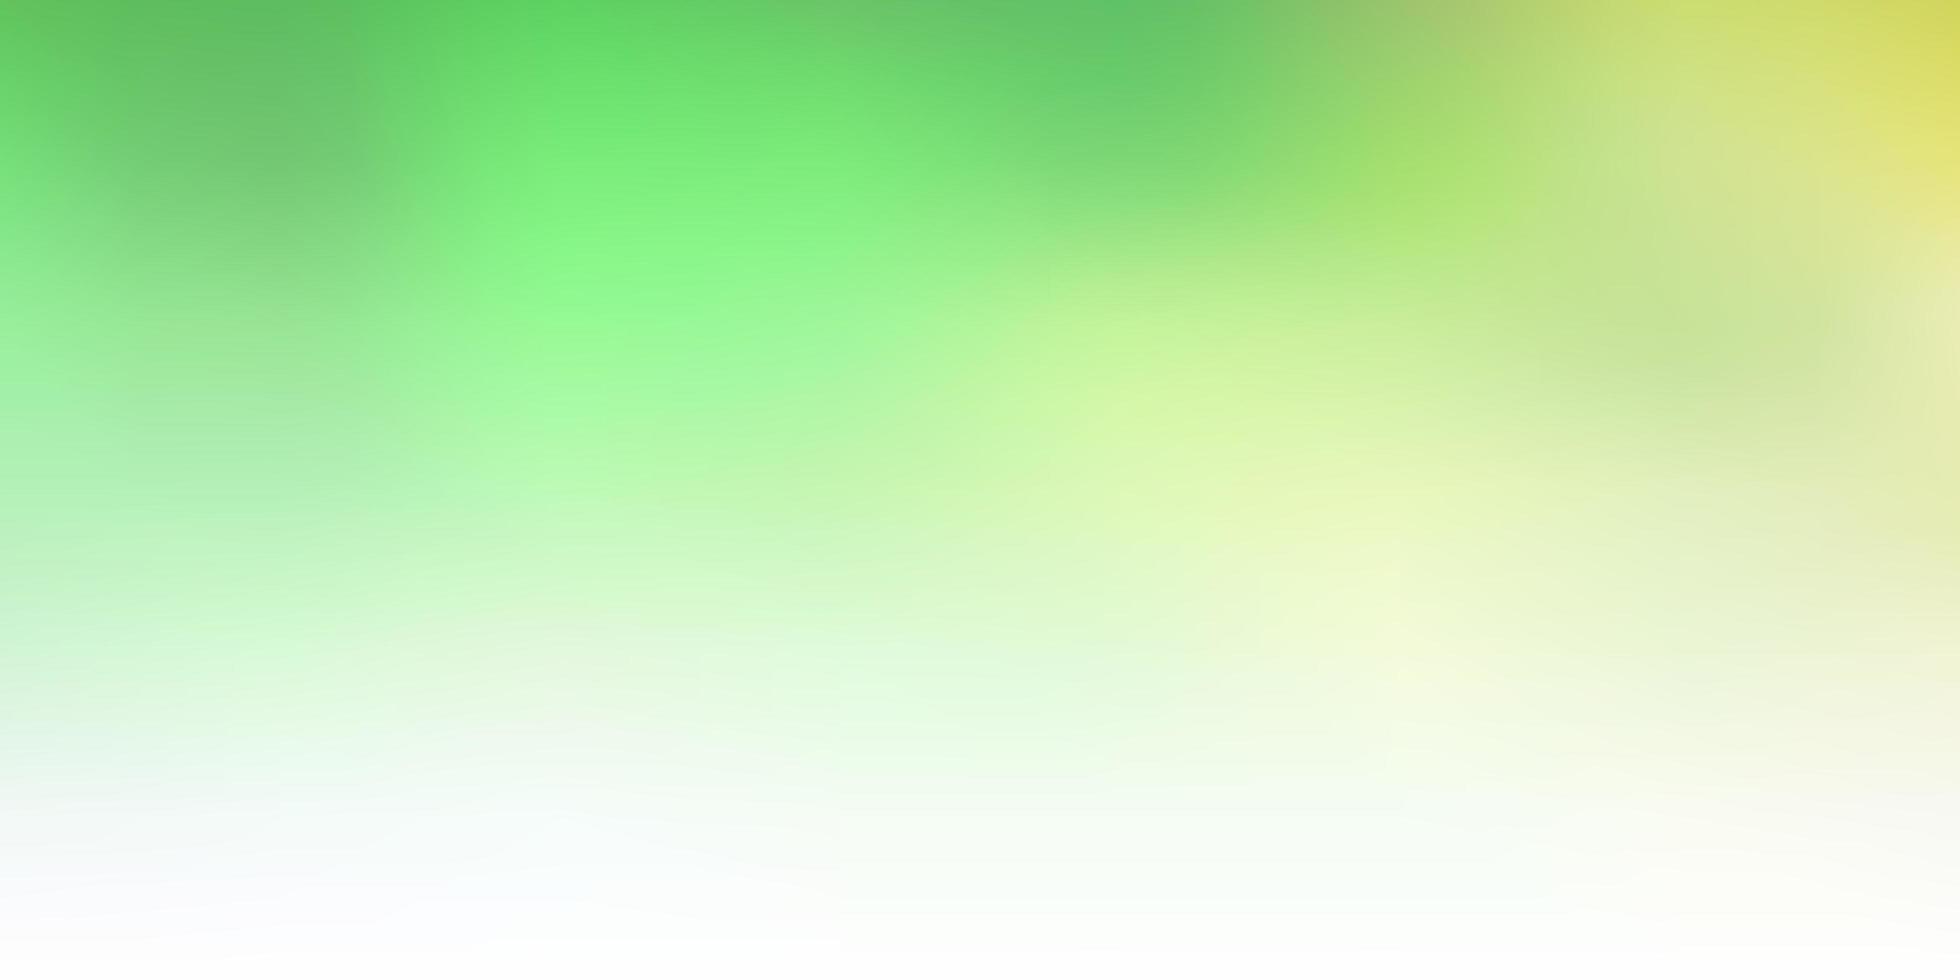 ljusgrön, gul vektor abstrakt oskärpa bakgrund.